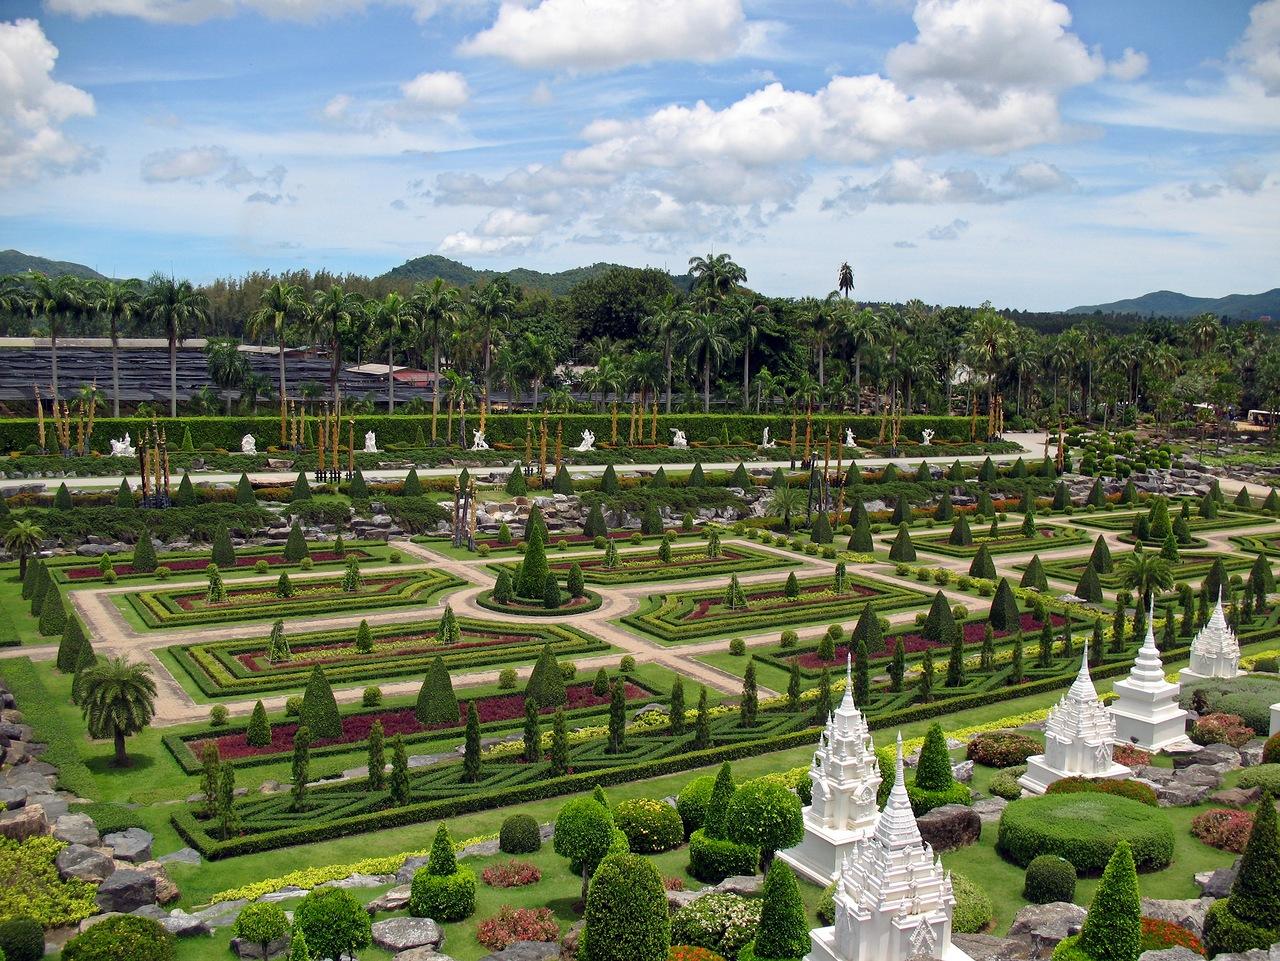 Jardín Botánico Tropical de Nong Nooch, Tailandia